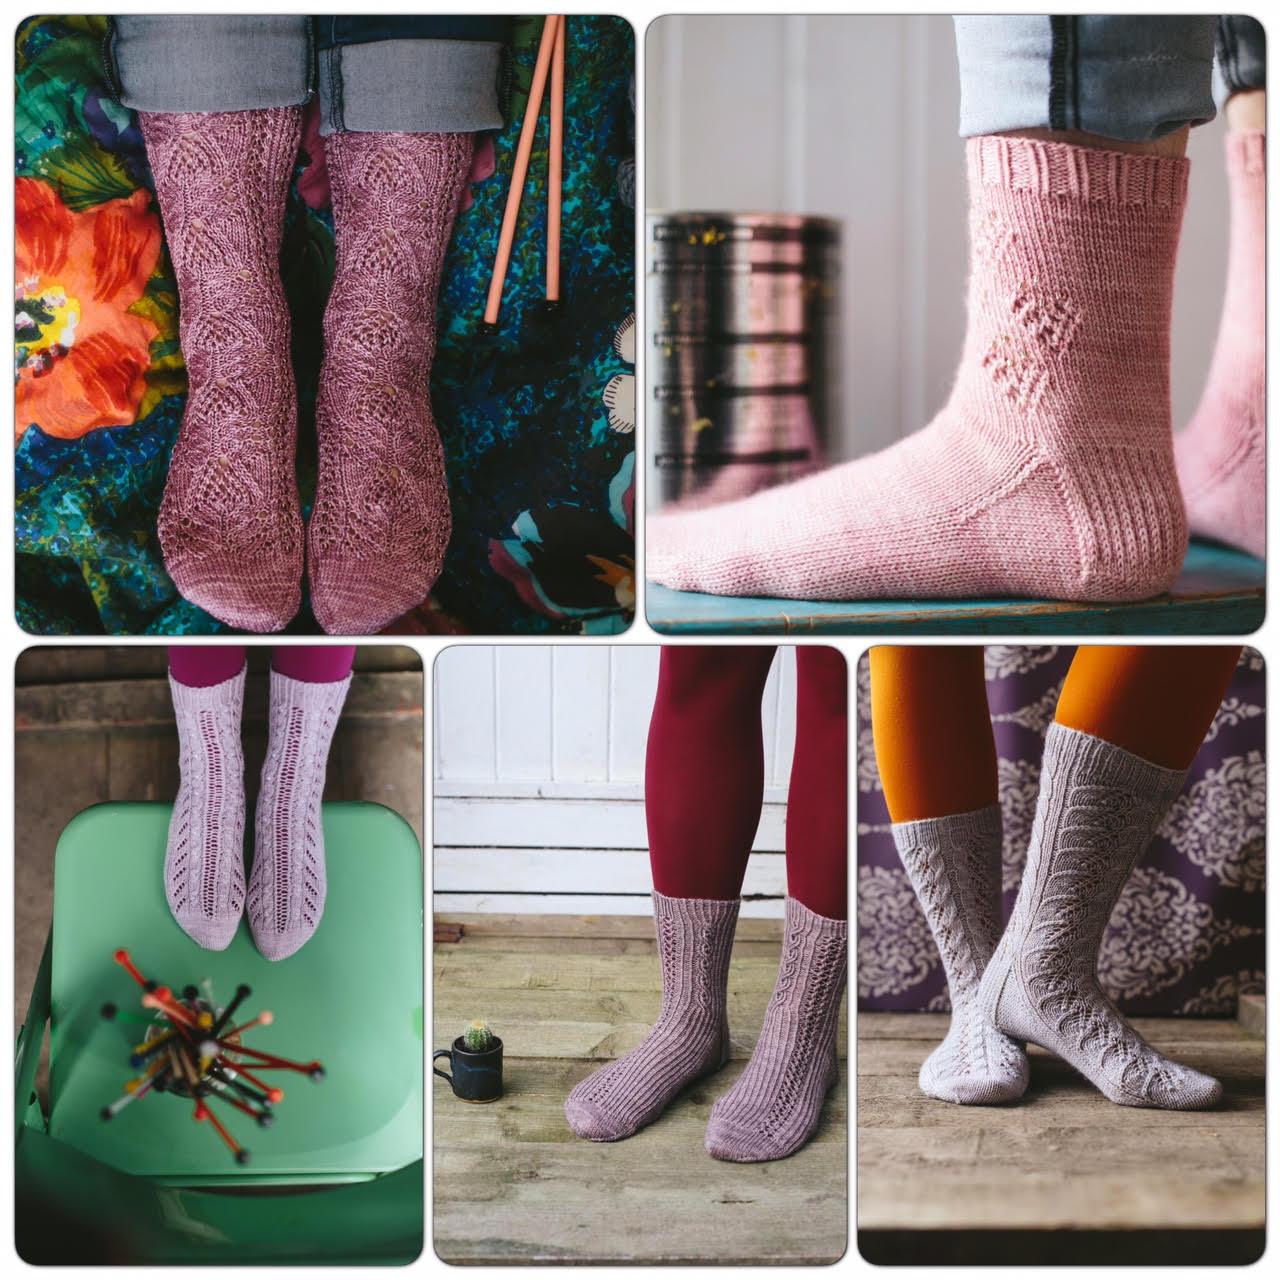 'Lazy Sunday Socks' by Jane Burns, images via Kat Goldin